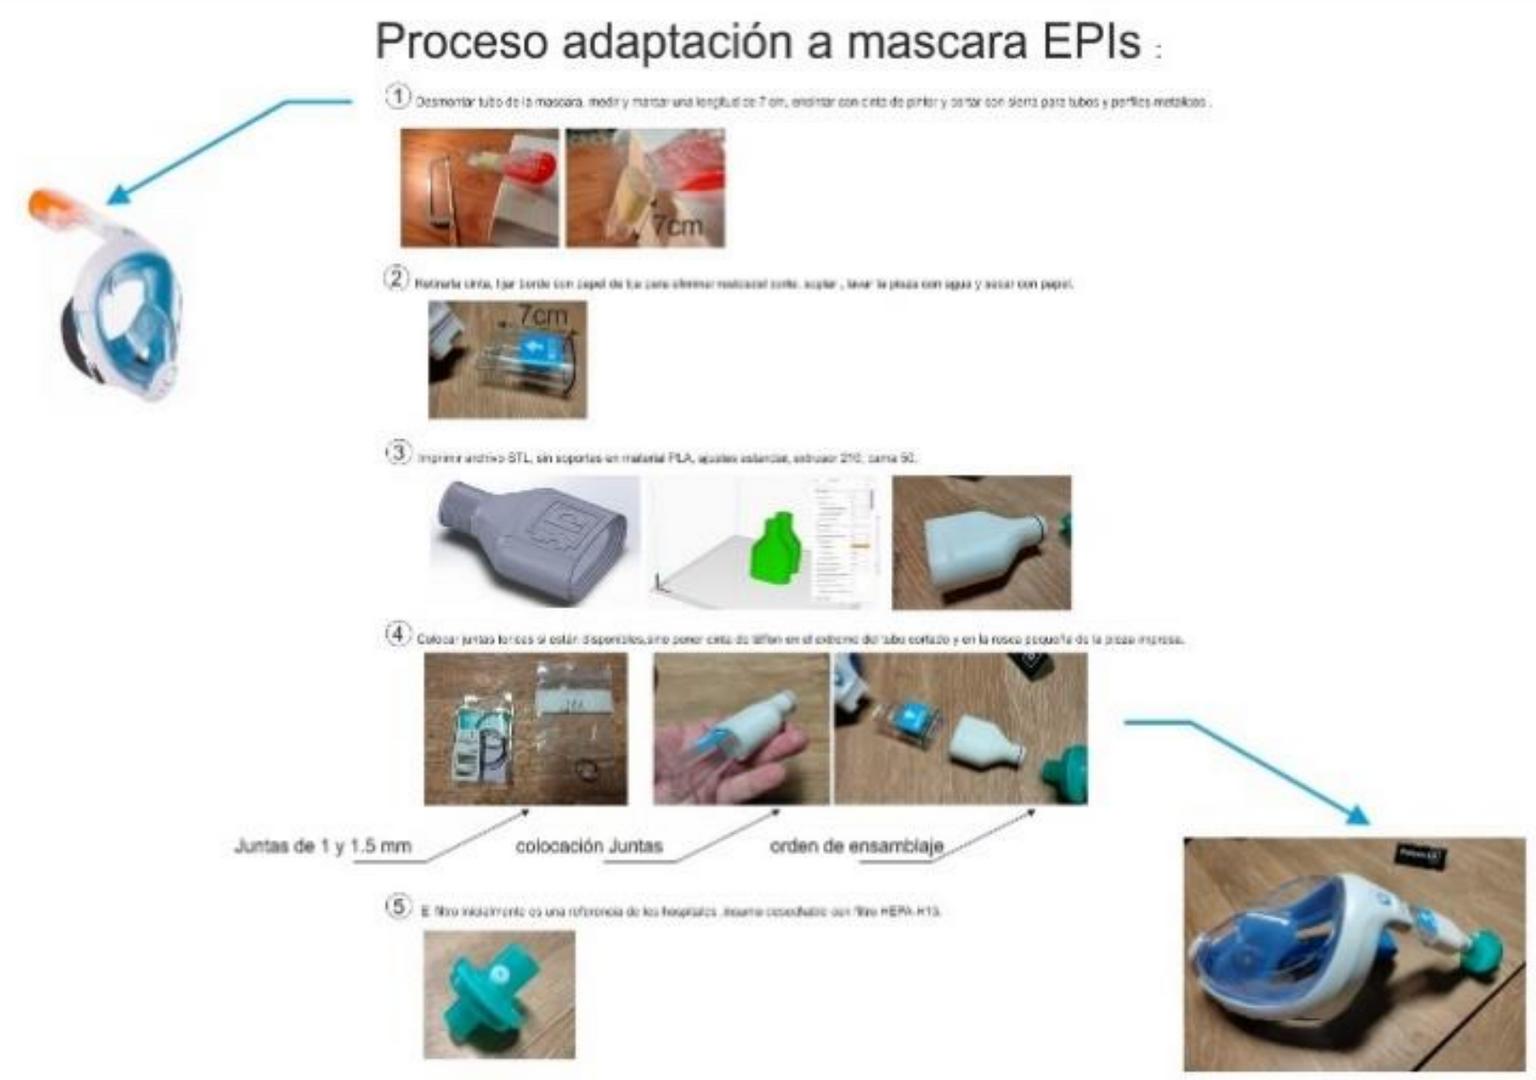 Processo de adaptação da máscara para EPIs